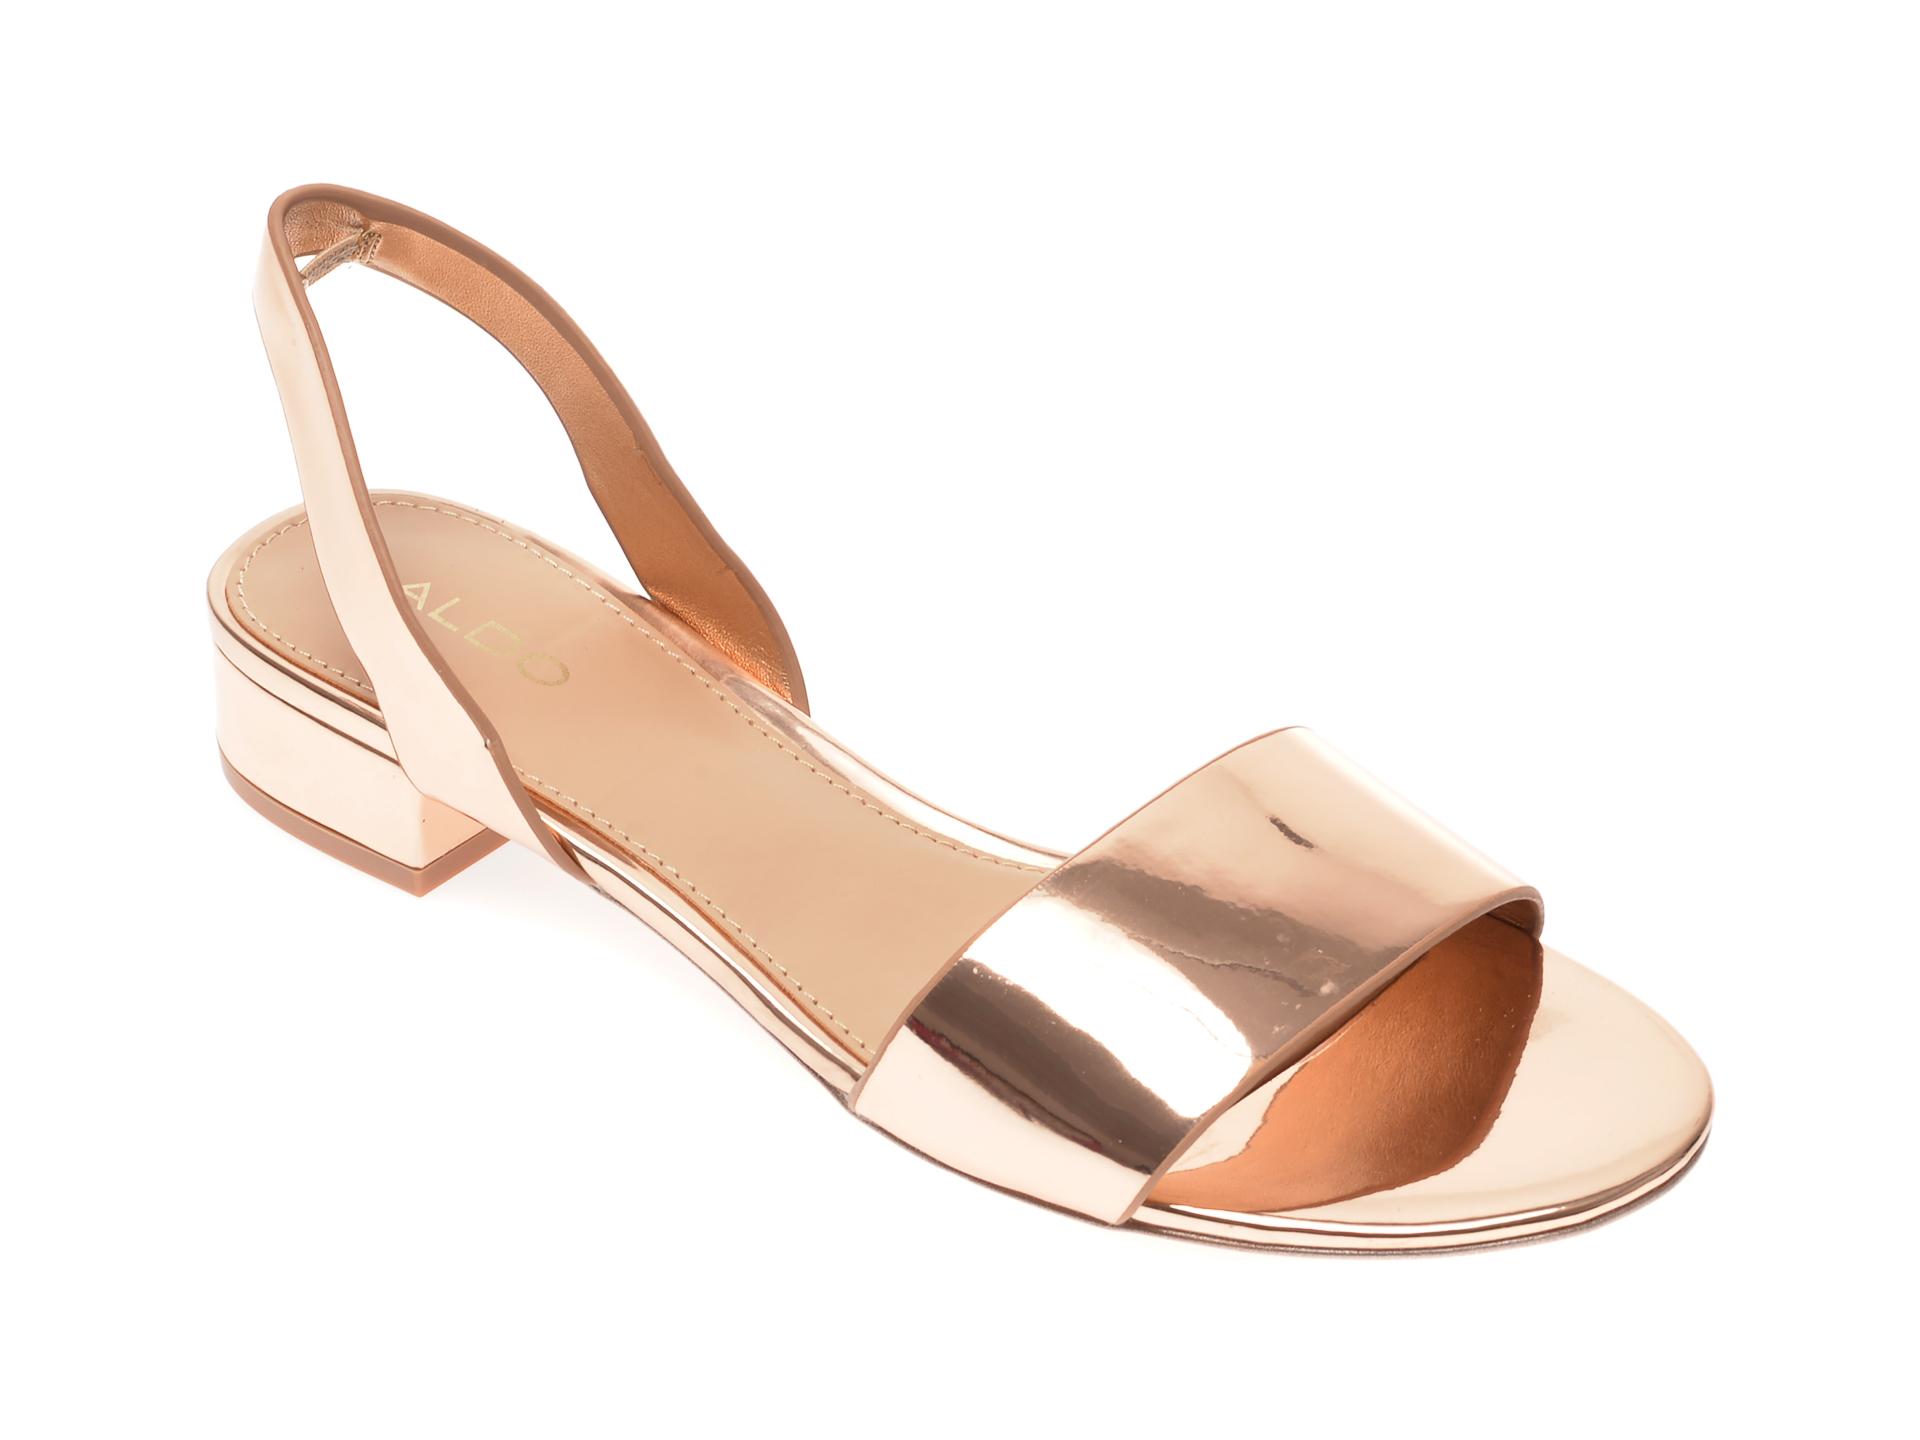 Sandale ALDO aurii, Candice962, din piele ecologica imagine otter.ro 2021